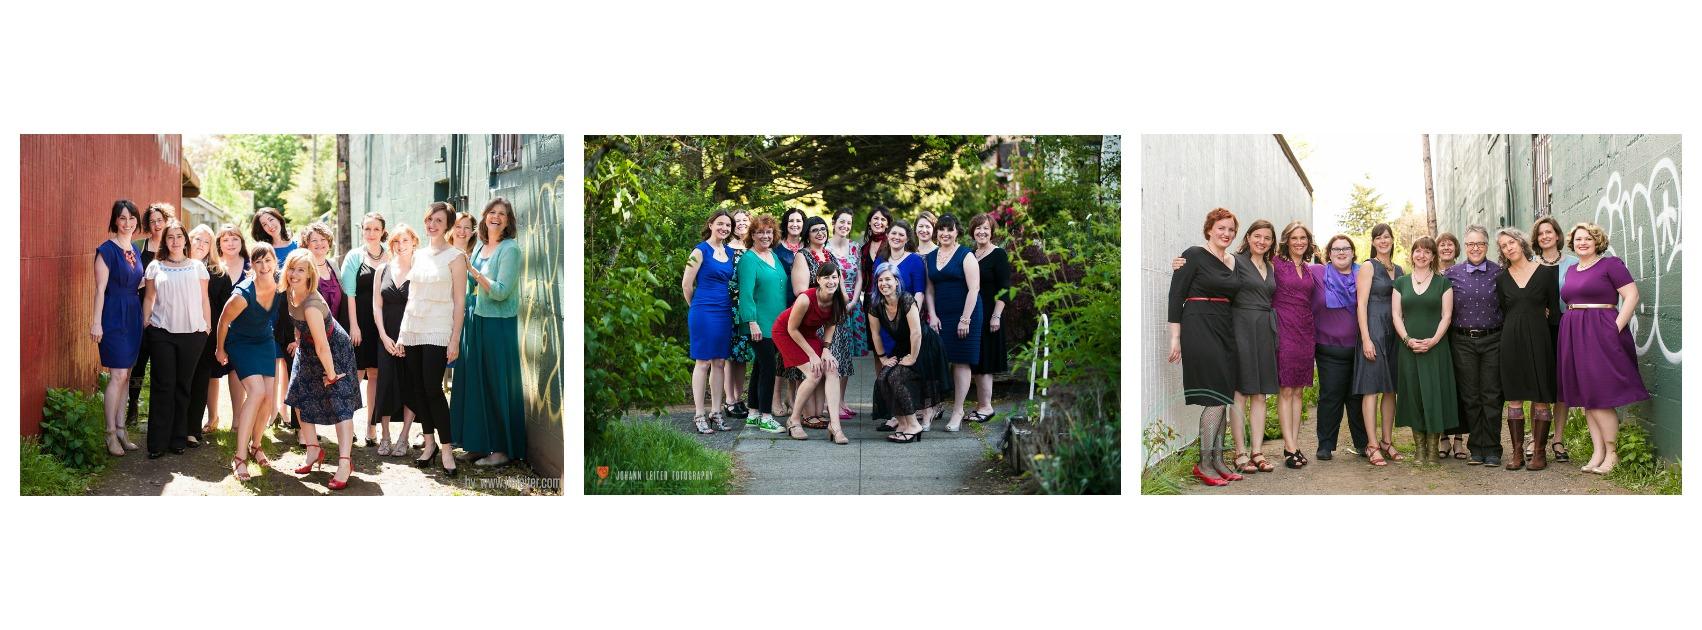 2014, 2015, 2016 LTYM:Portland Casts